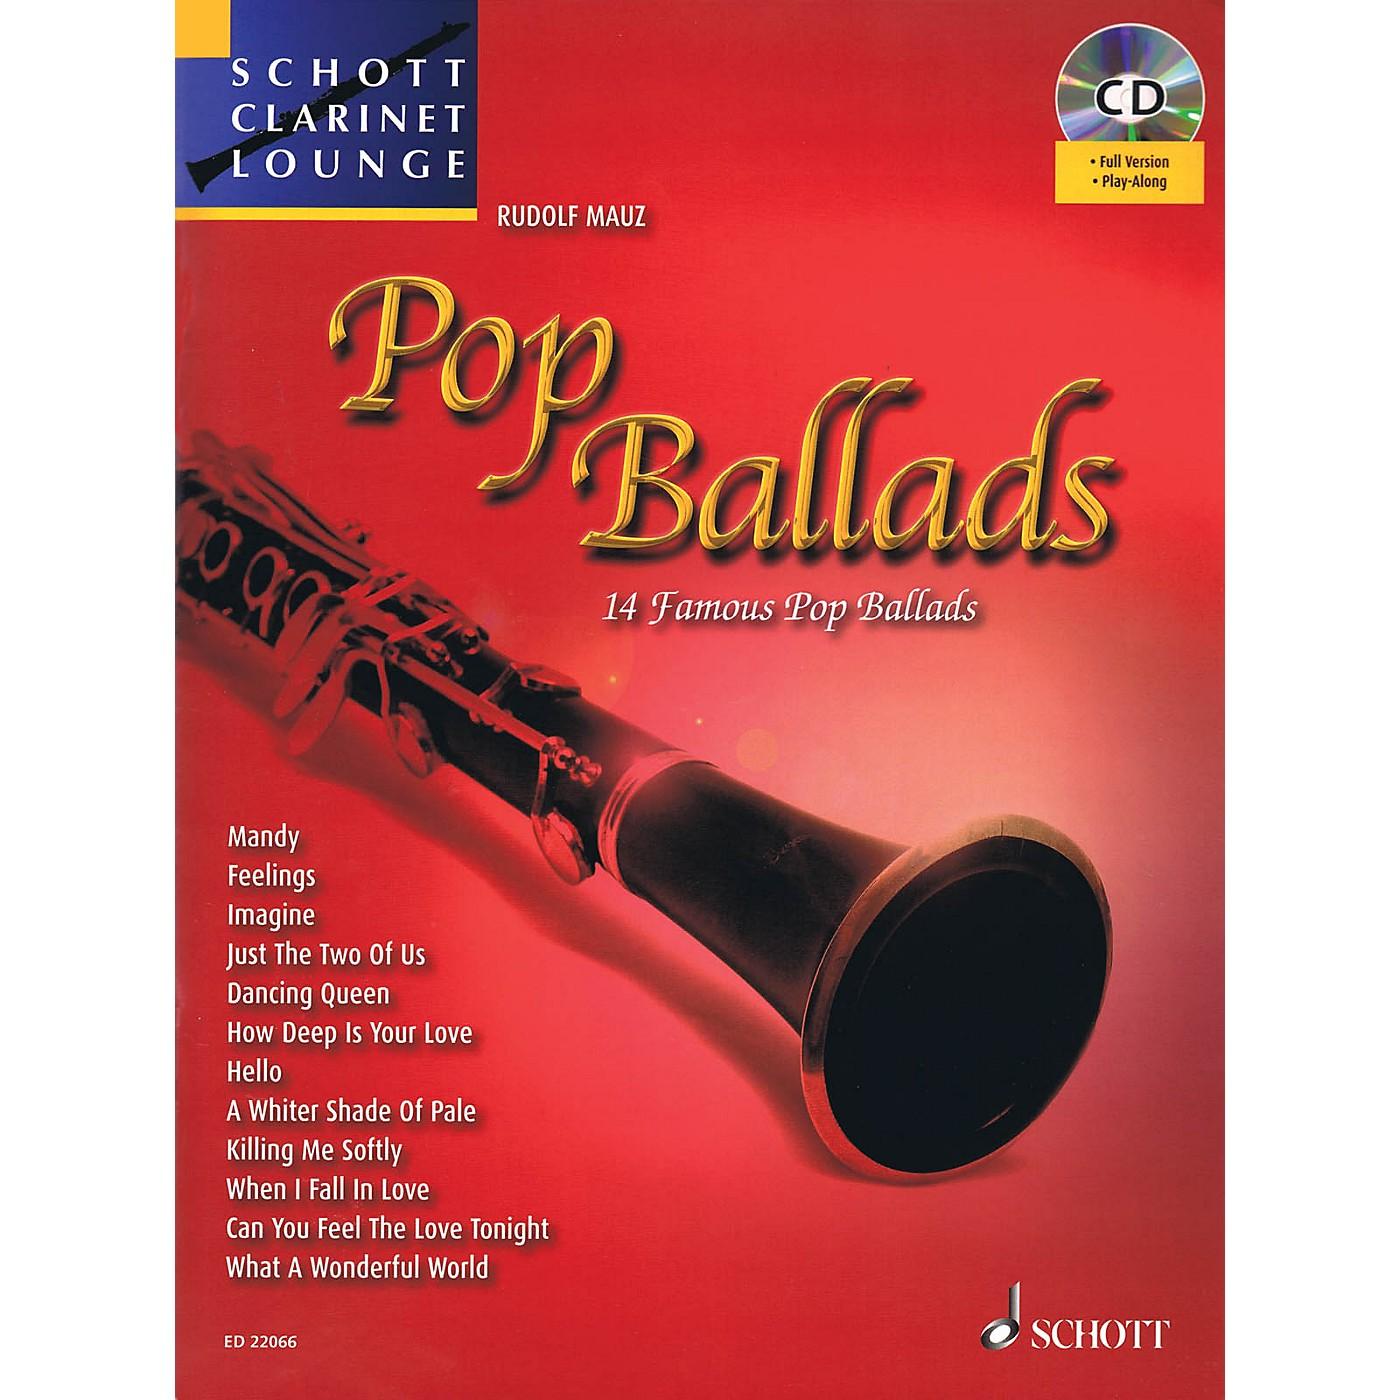 Schott Pop Ballads (Schott Clarinet Lounge) Woodwind Series BK/CD thumbnail